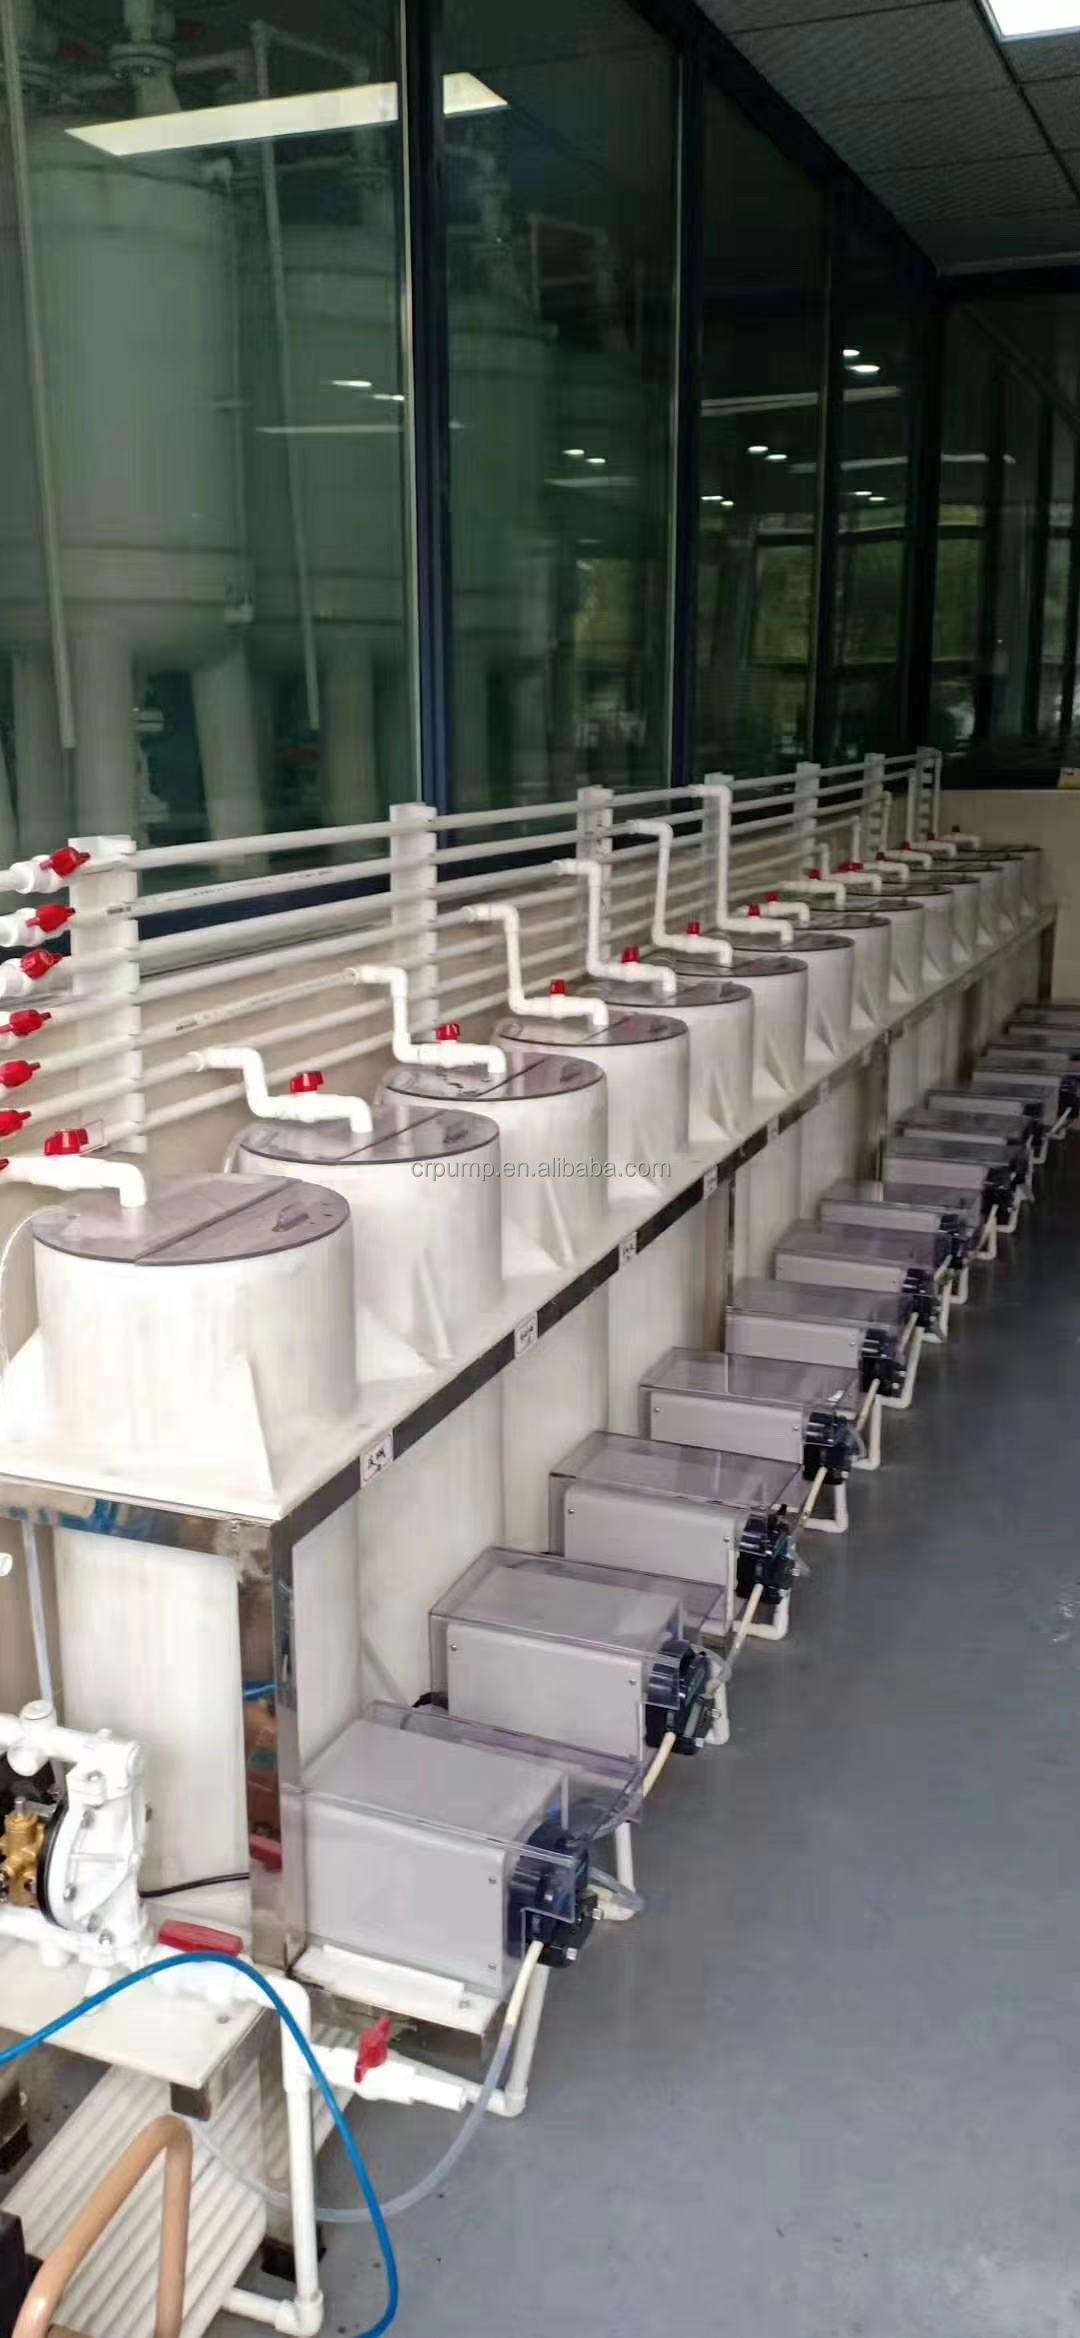 peristaltic pump application